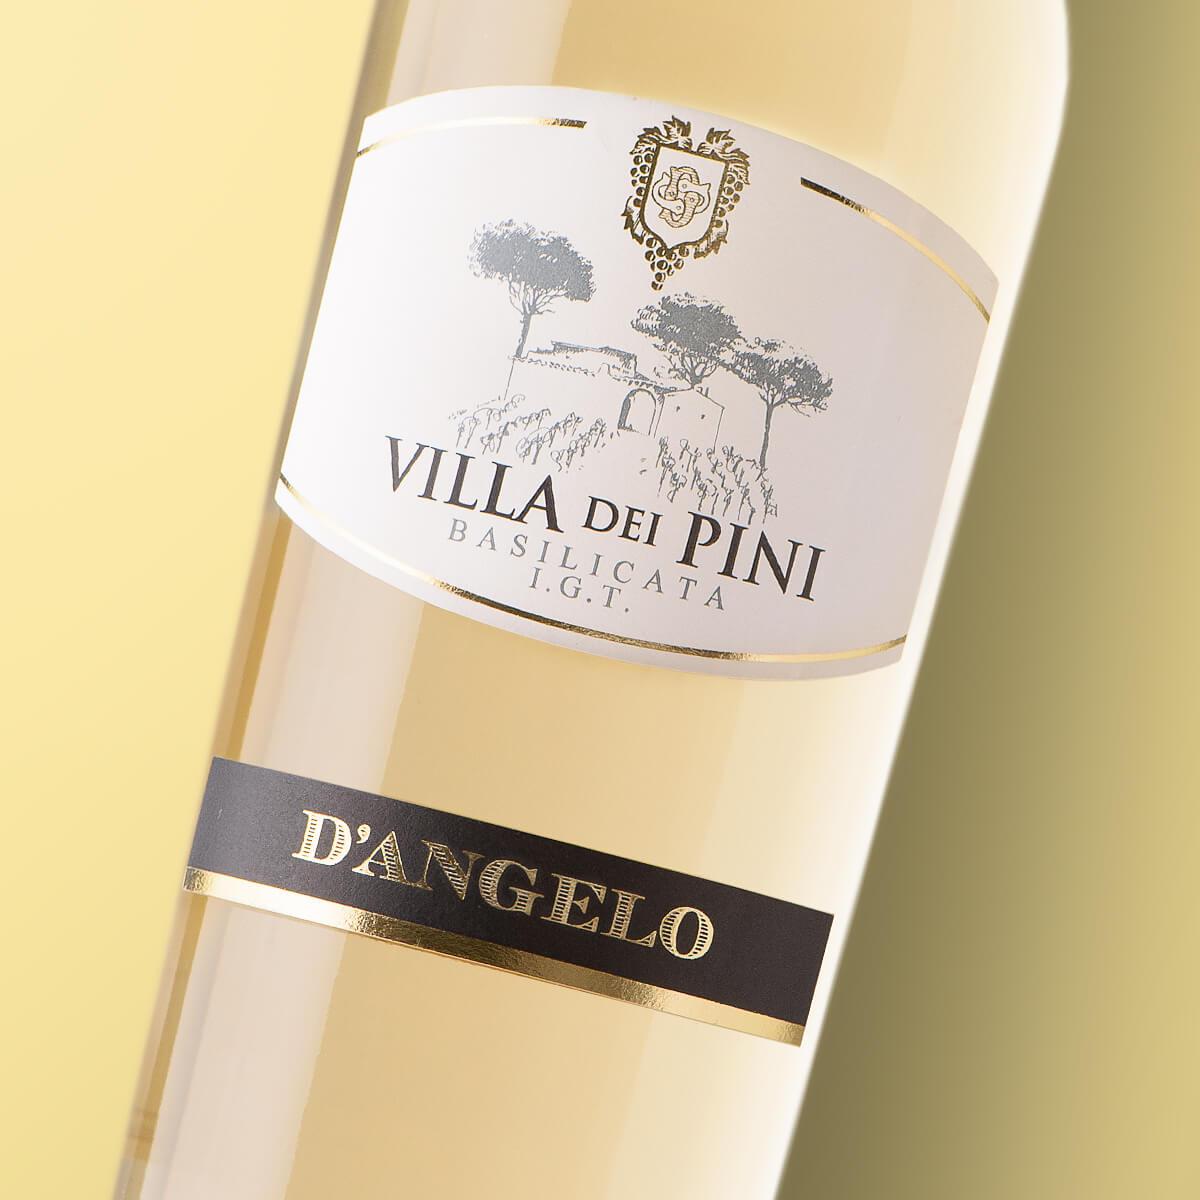 Villa dei pini dangelo vino malvasia